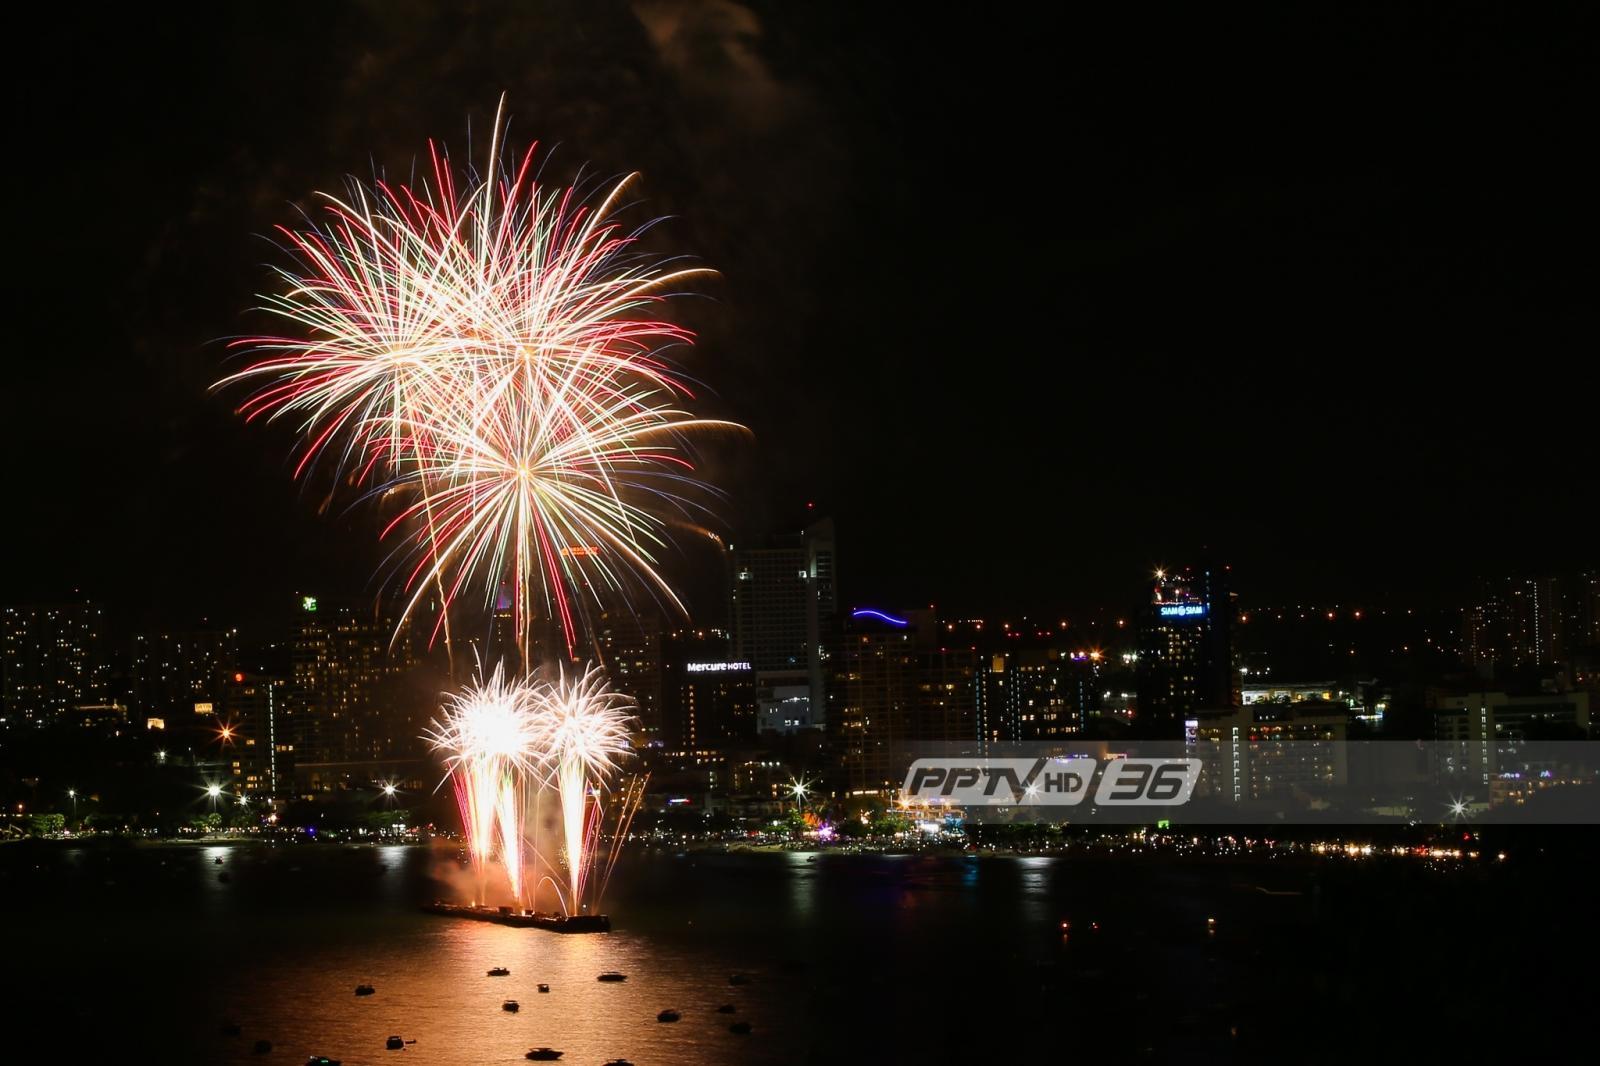 ตระการตา !! เทศกาลพลุนานาชาติเมืองพัทยาวันแรก